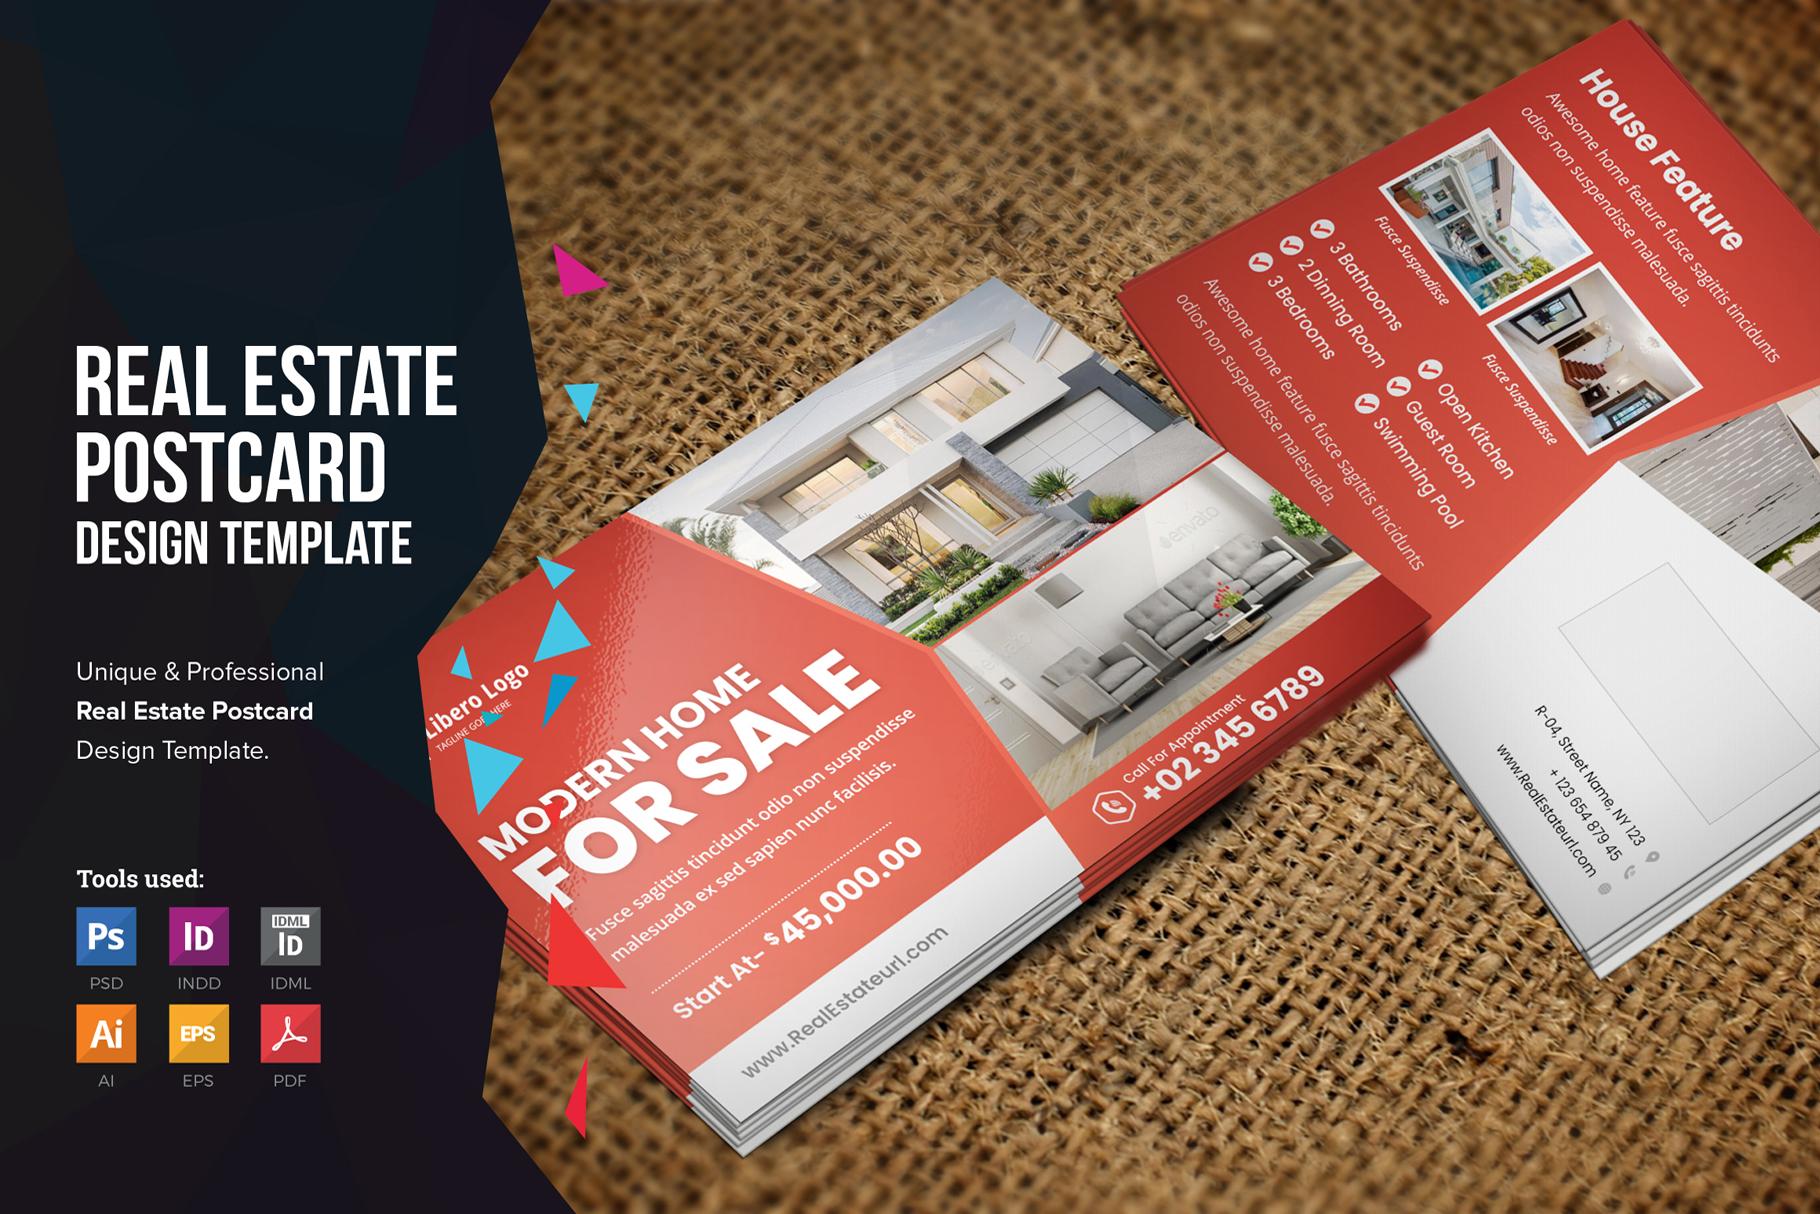 Real Estate Postcard Design v2 example image 1